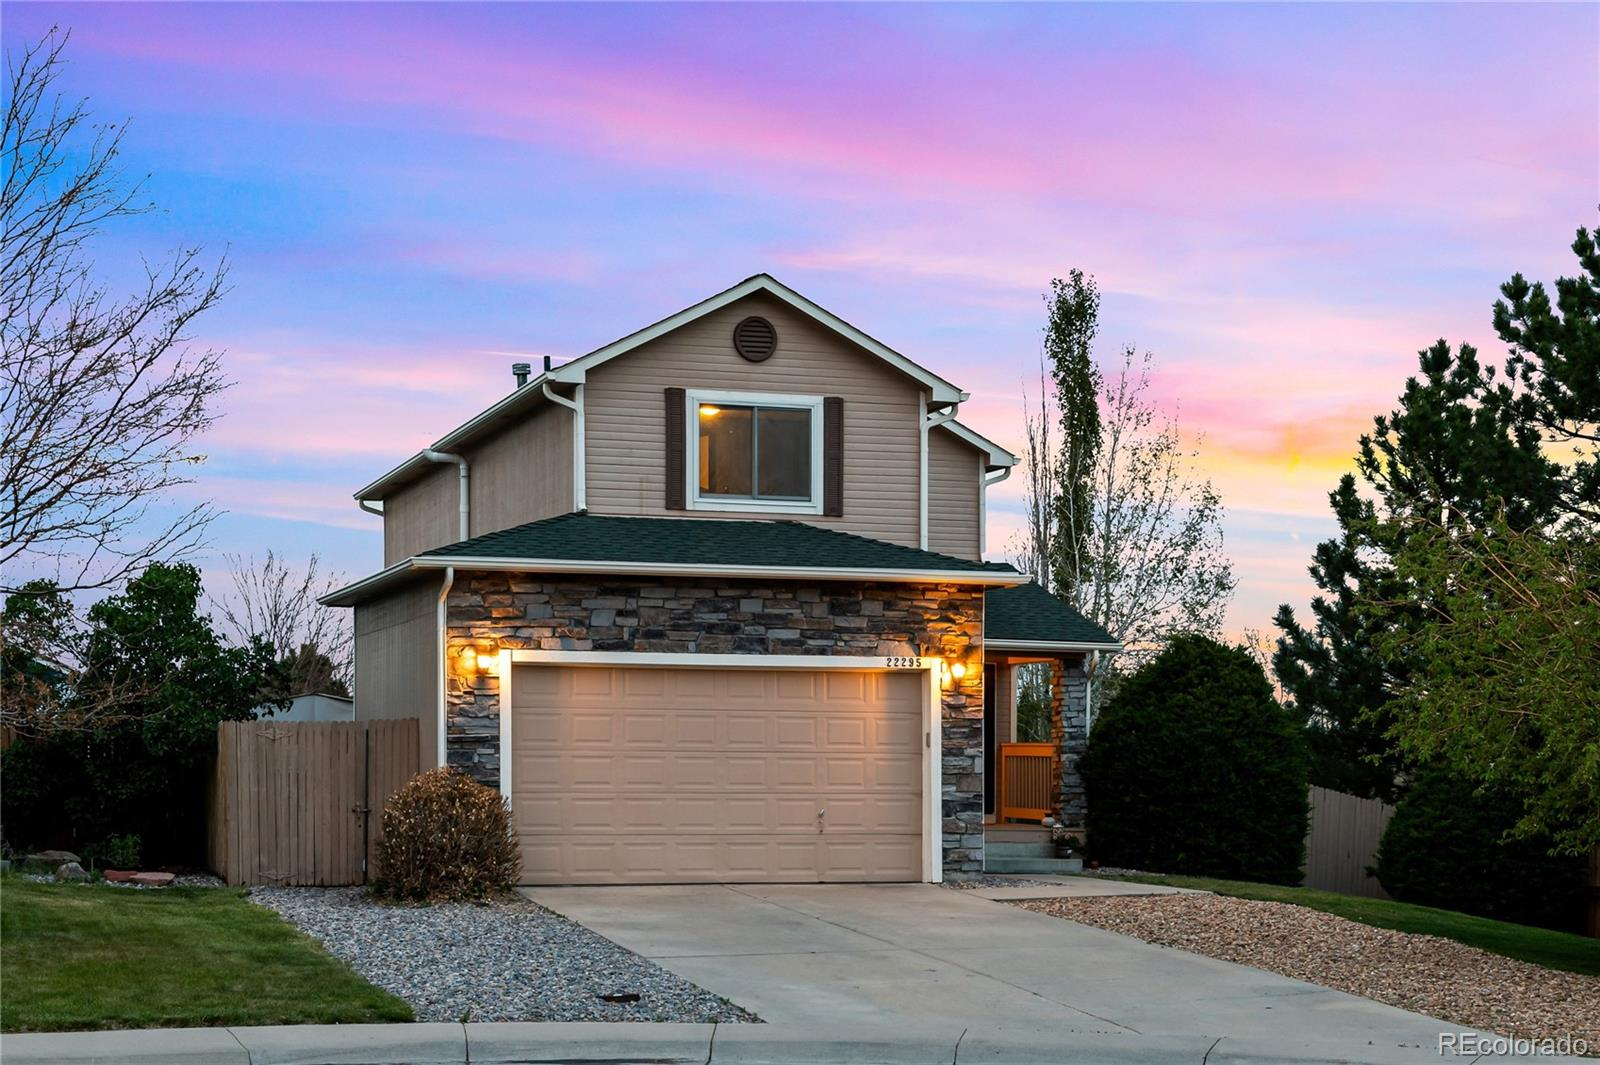 MLS# 2474668 - 1 - 22295 E Oberlin Place, Aurora, CO 80018